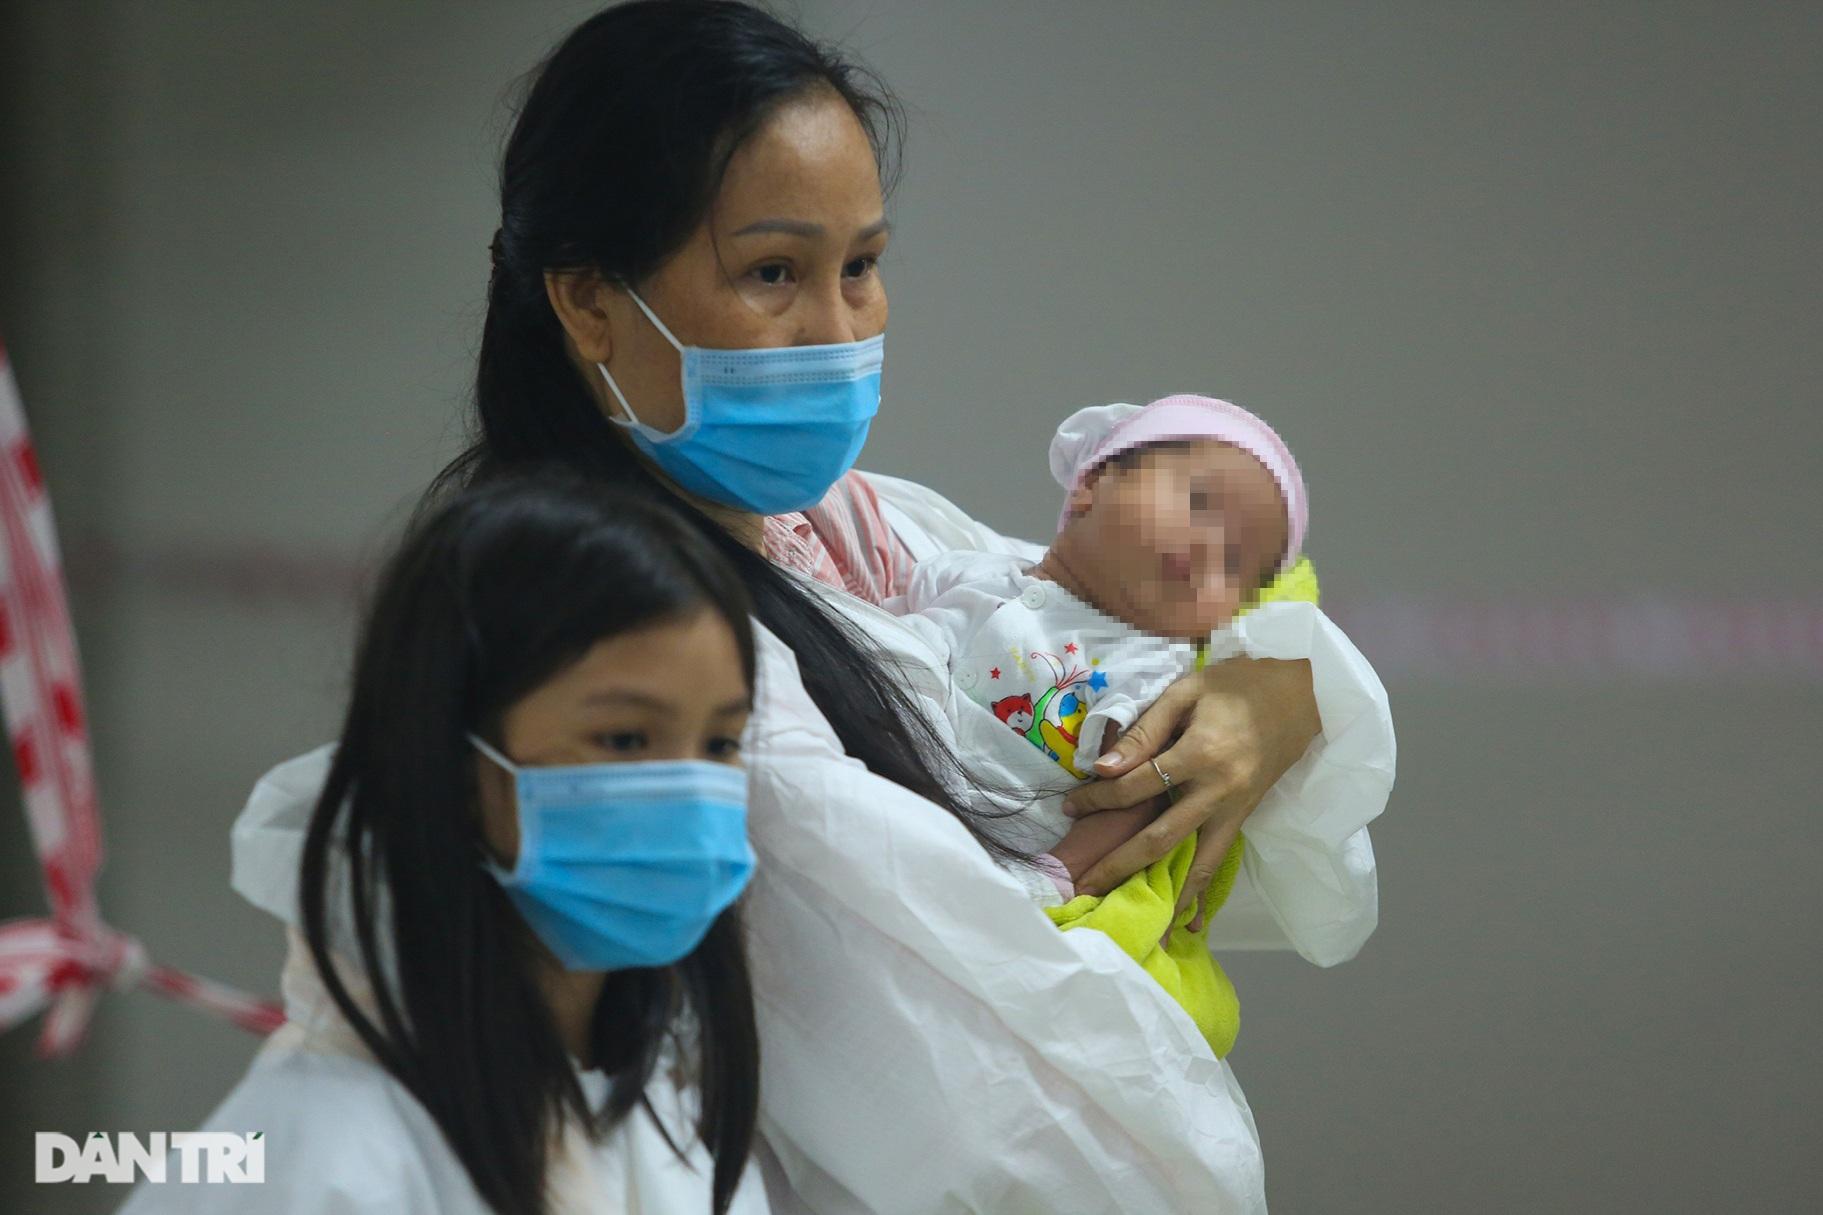 Chị 7 tuổi bế em một tháng tuổi đi điều trị Covid-19 ở BV dã chiến TPHCM - 8